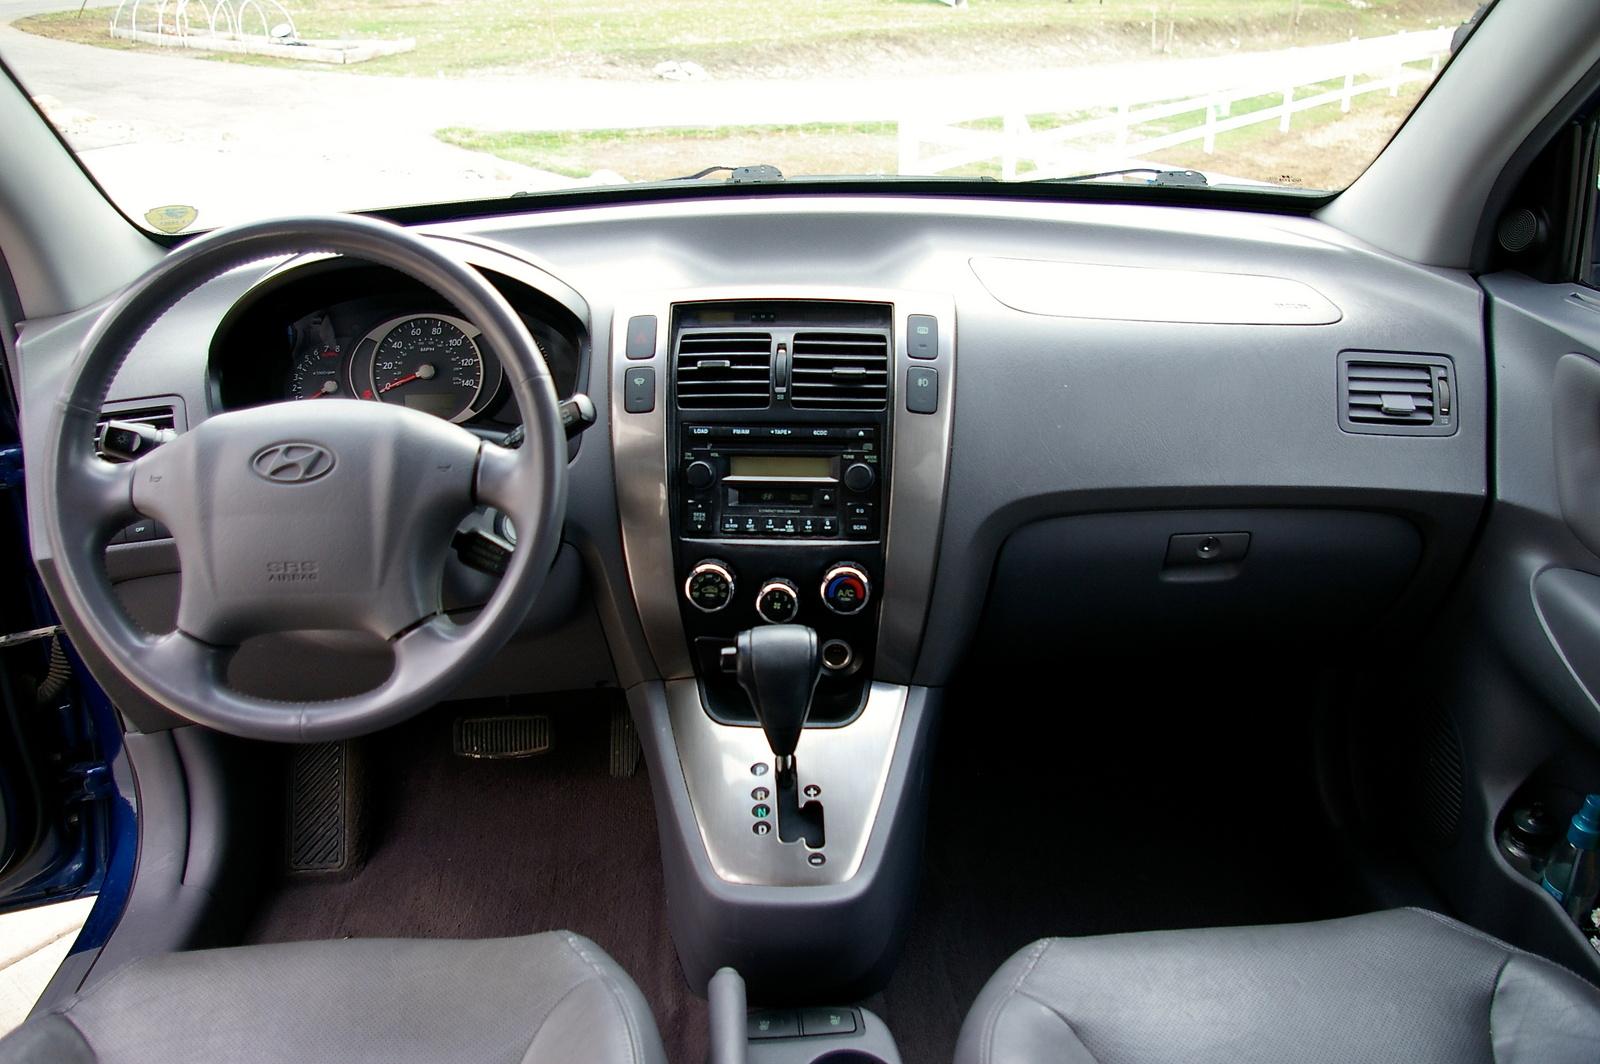 2005 Hyundai Tucson Pictures Cargurus